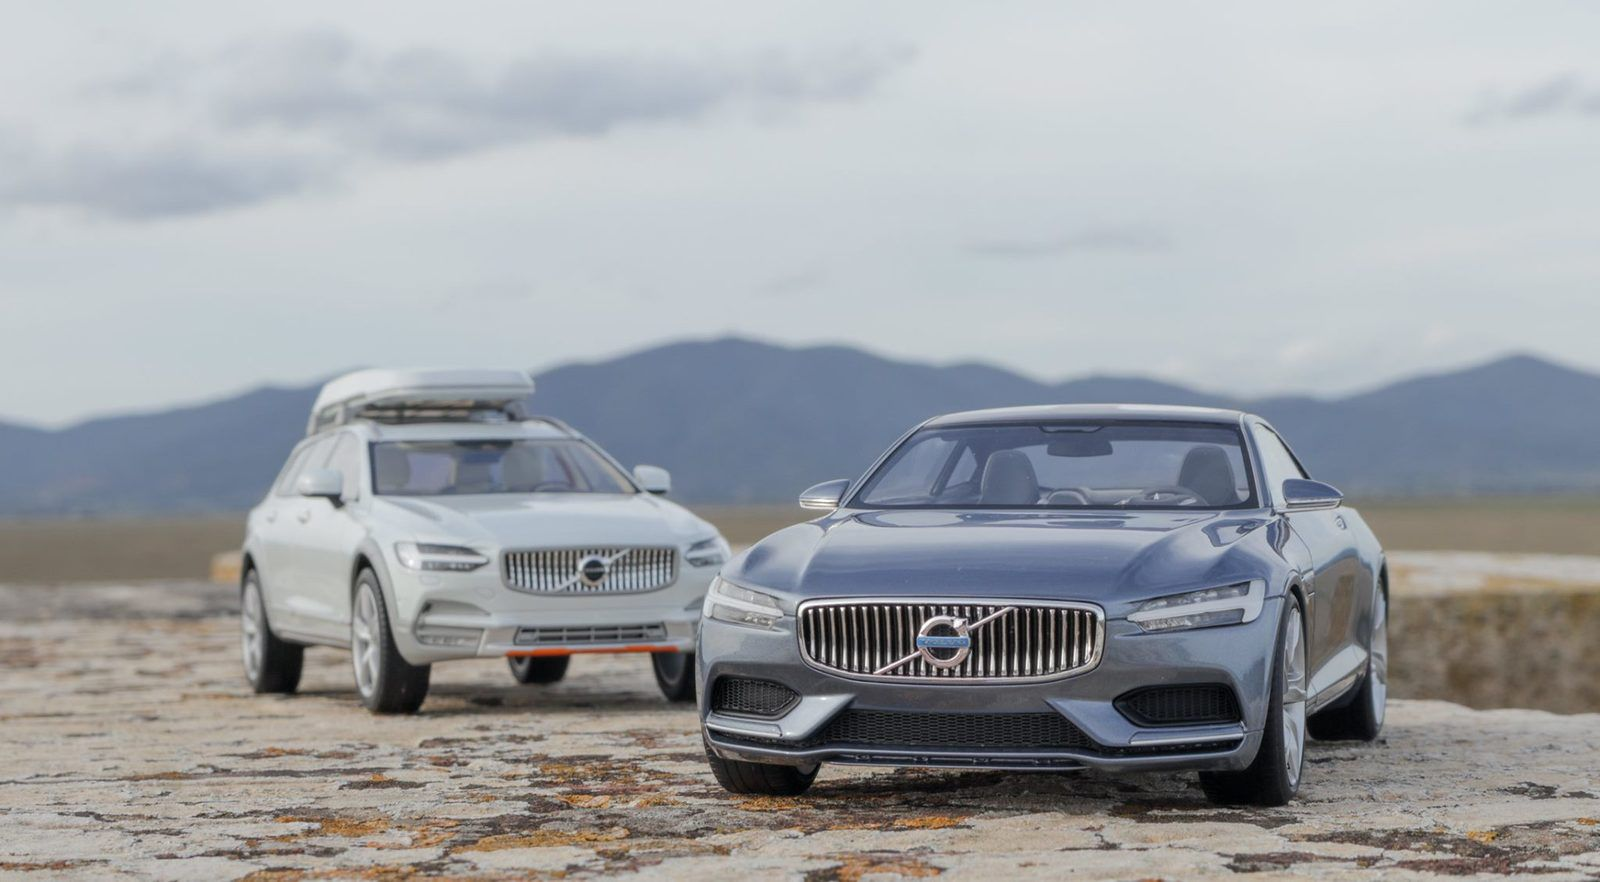 Quelles sont les échelles qui existent pour les voitures miniatures ?